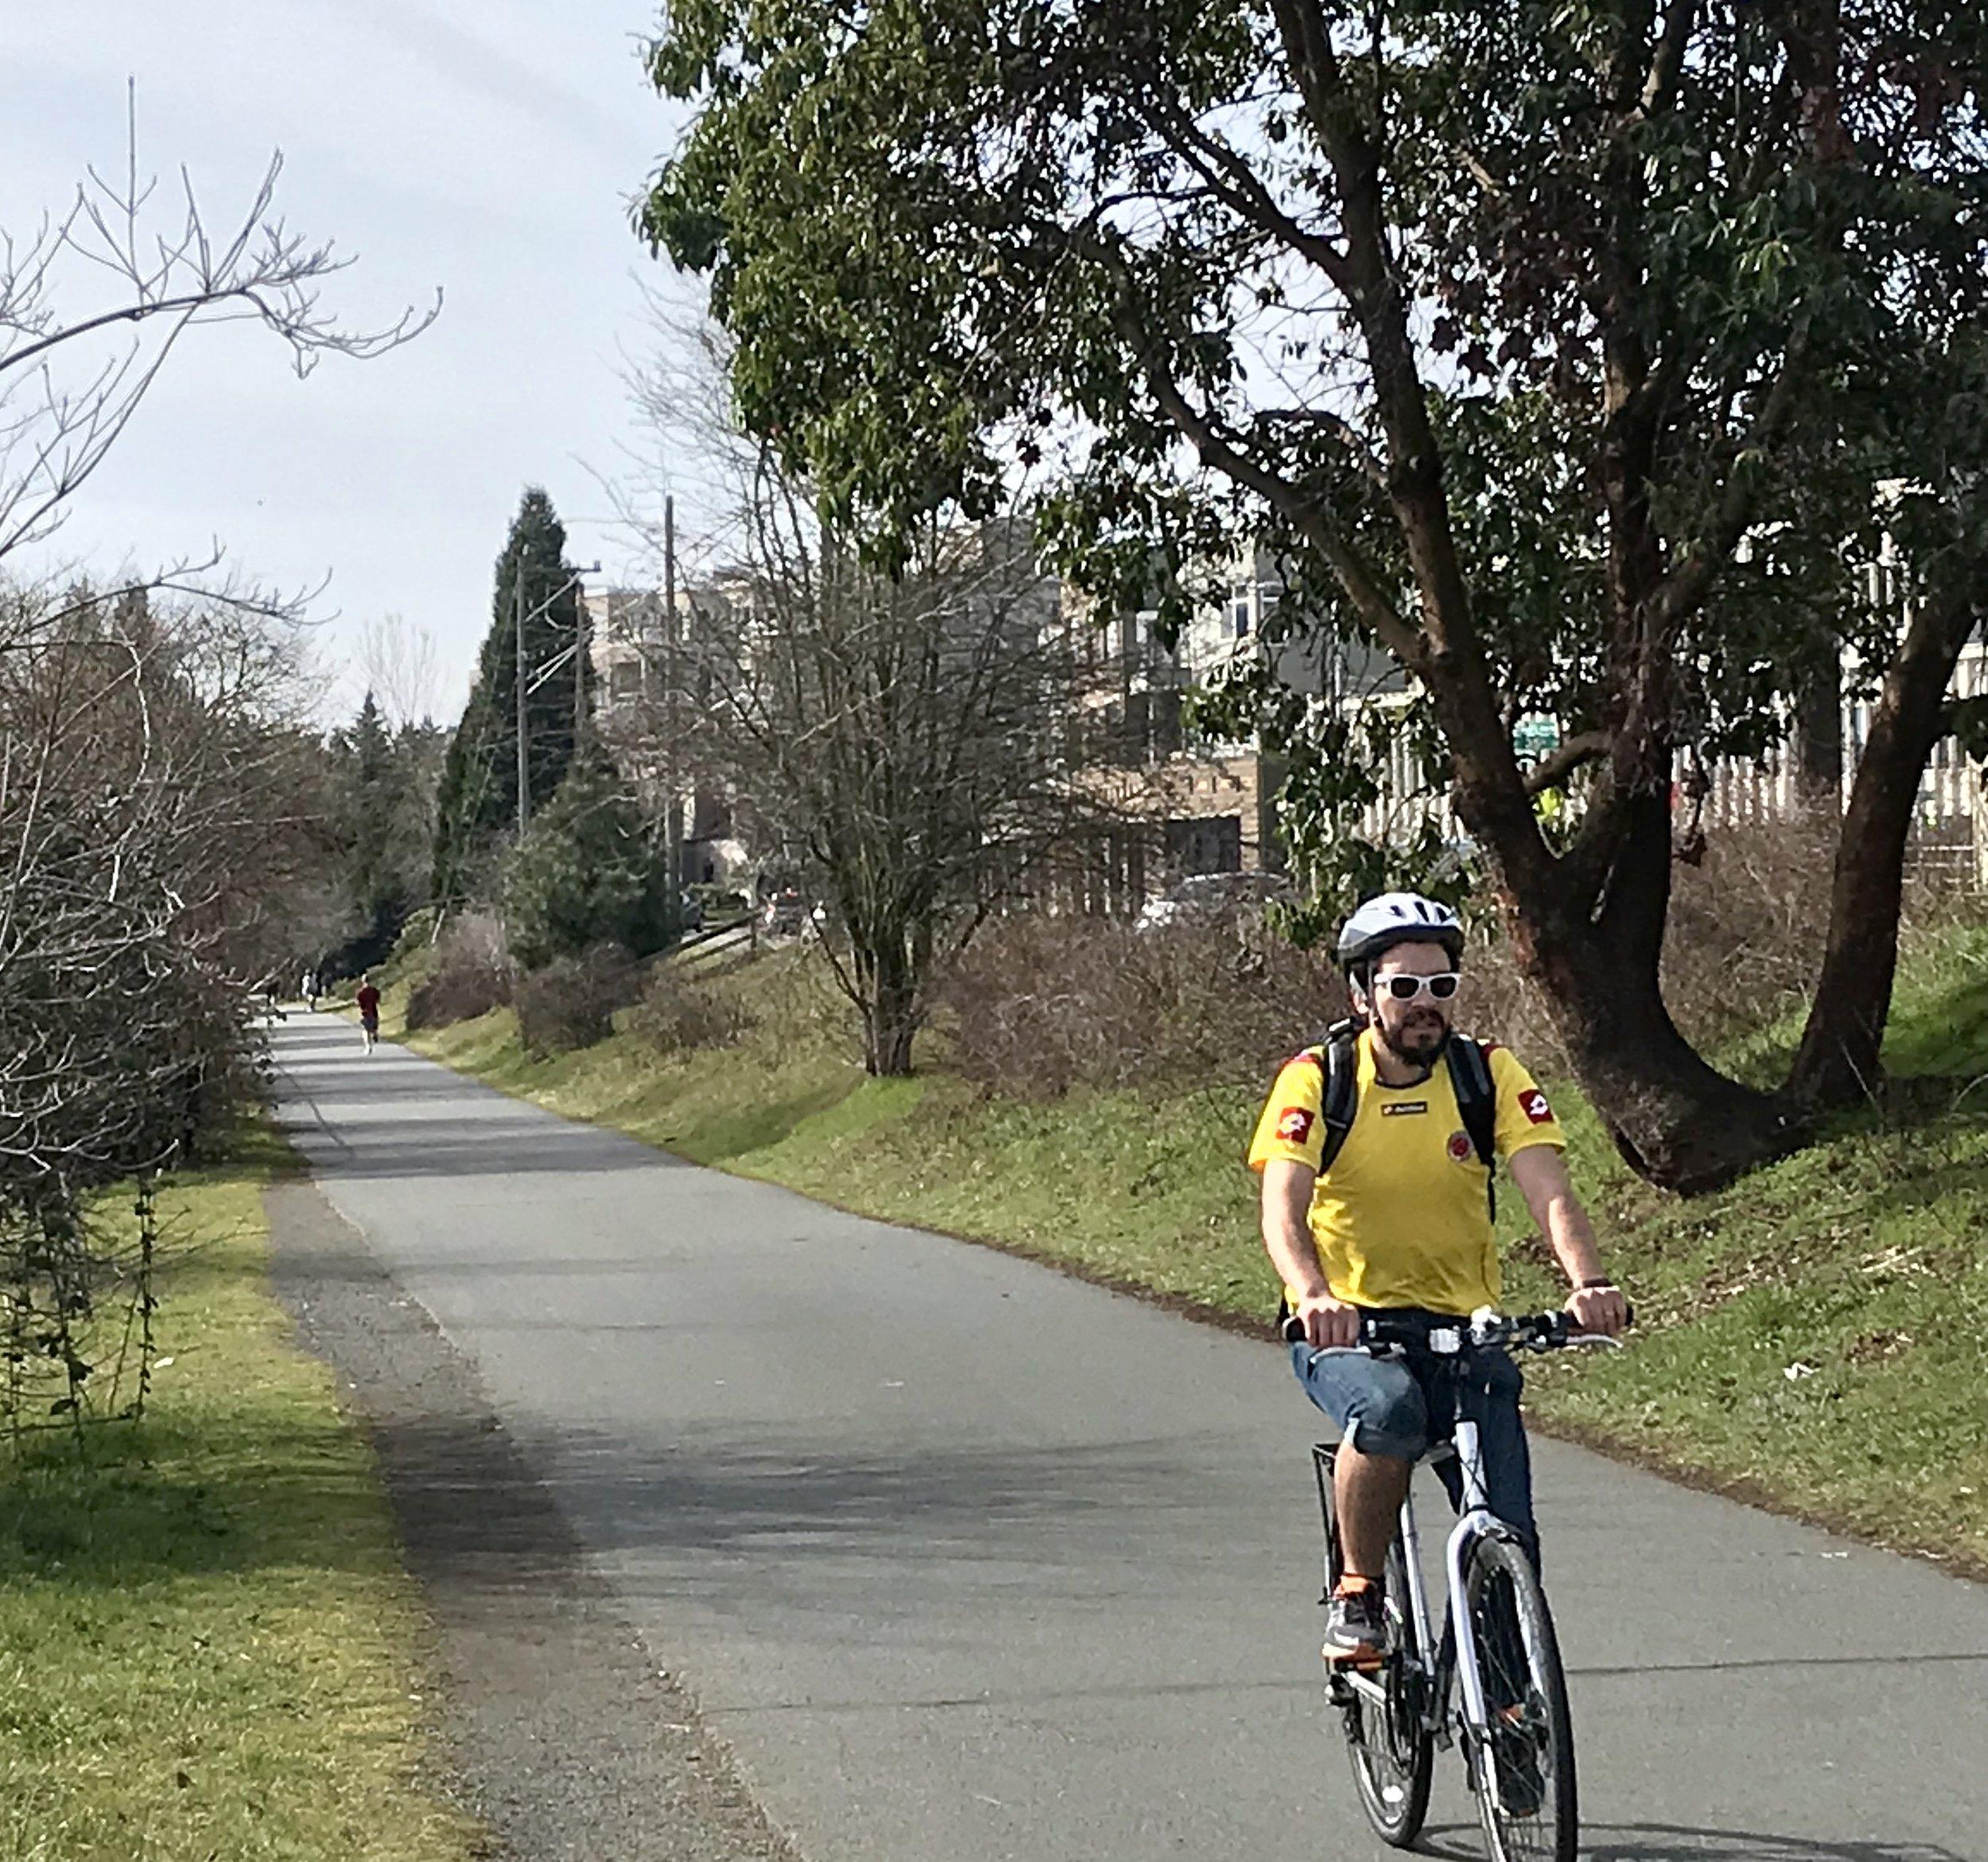 Burke Gilman Yellow Biker.jpg